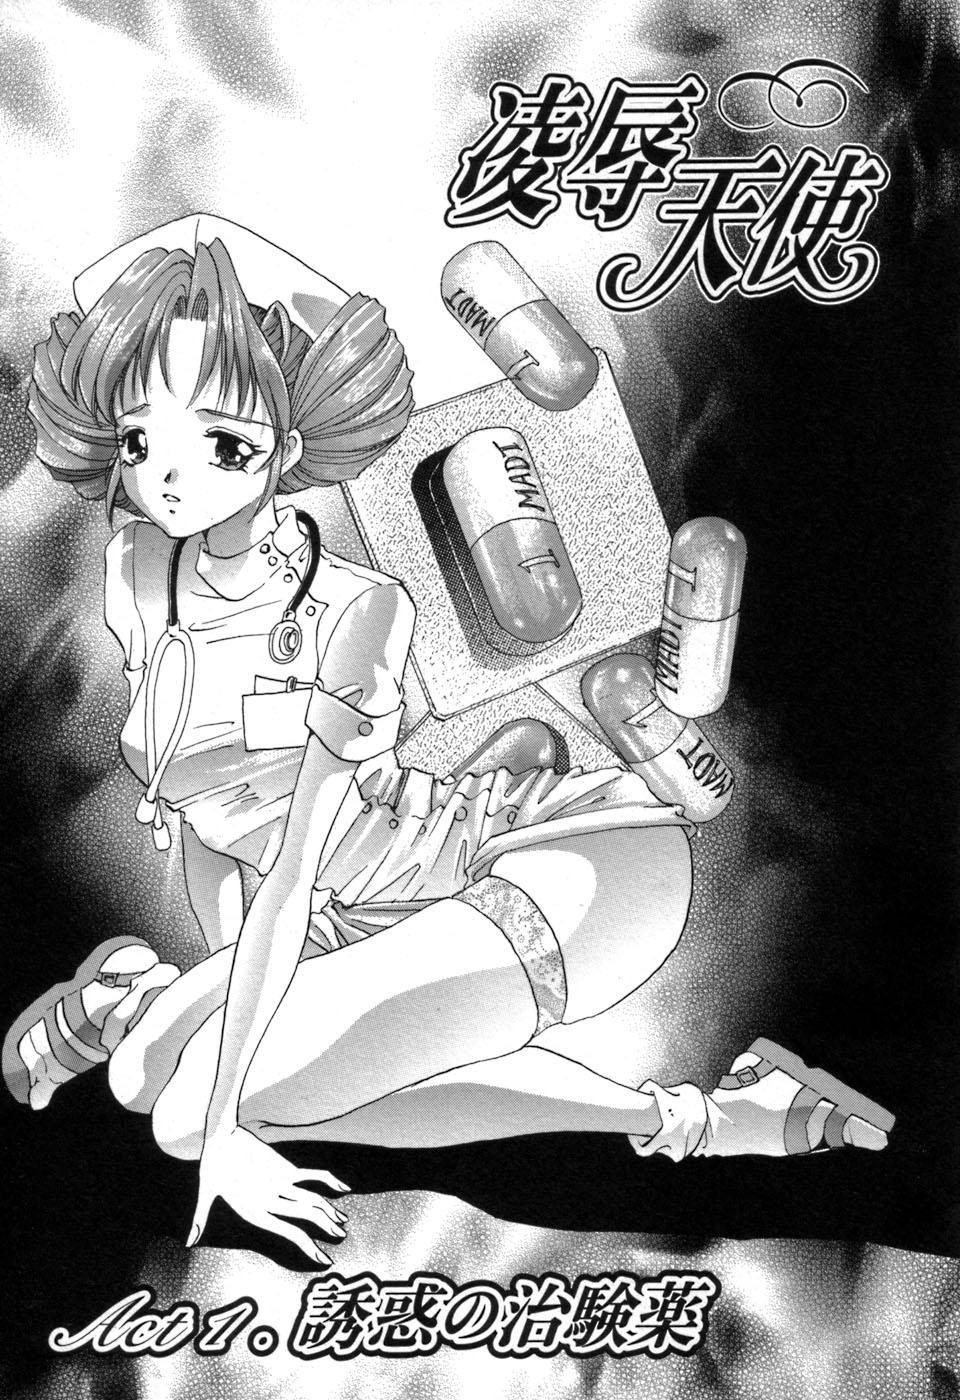 Ryoujoku Tenshi 11